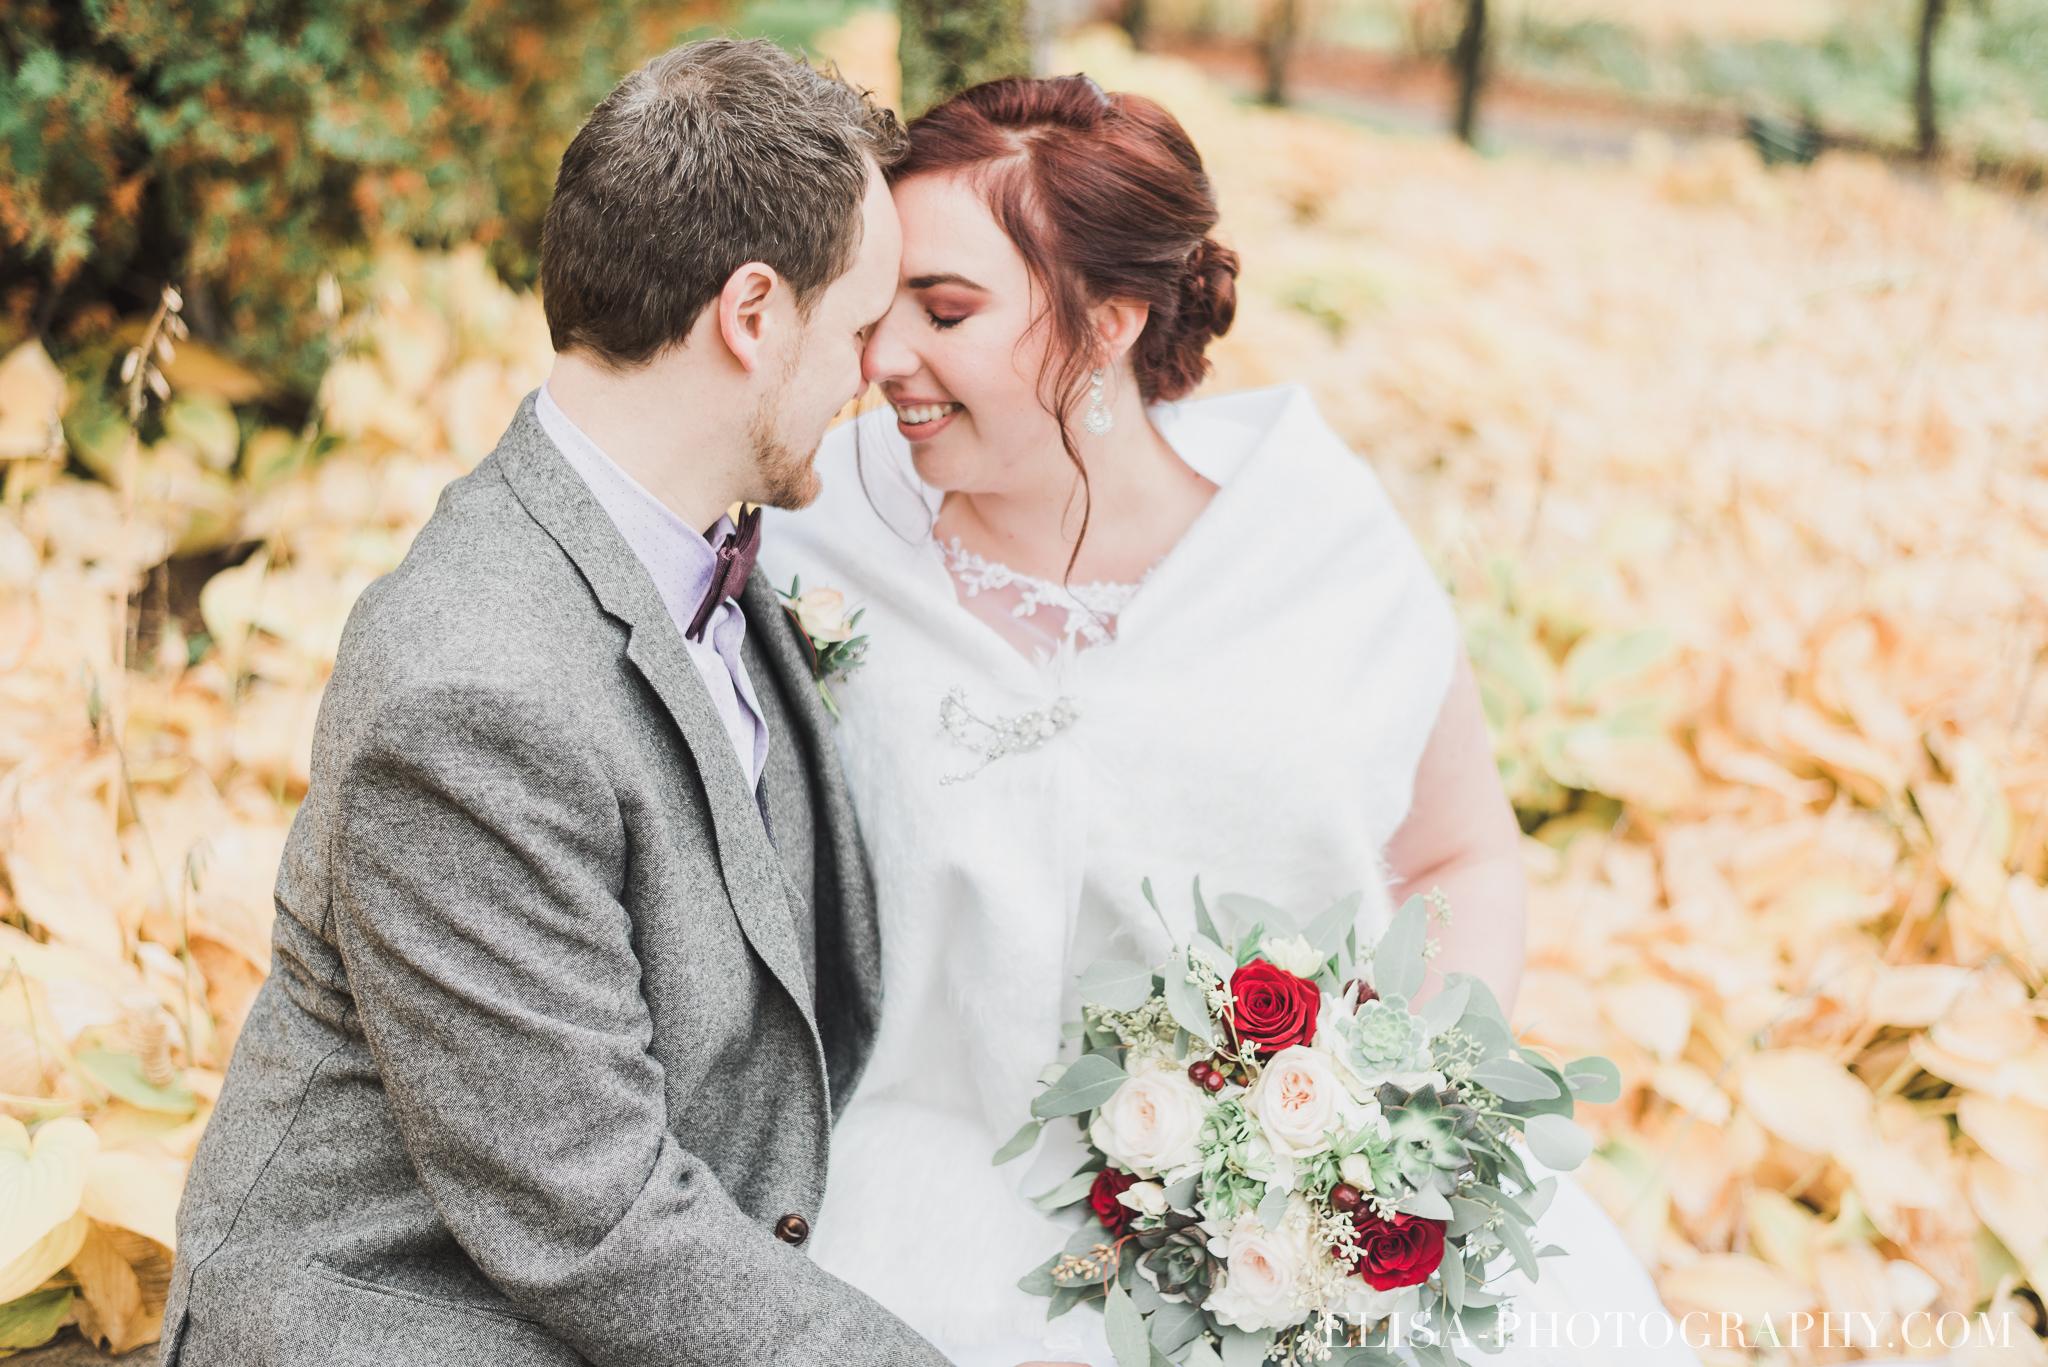 photo mariage automne domaine maizeret quebec naturel lumineuse romantique 5755 - Mariage à saveur automnale à l'Espace Saint-Grégoire